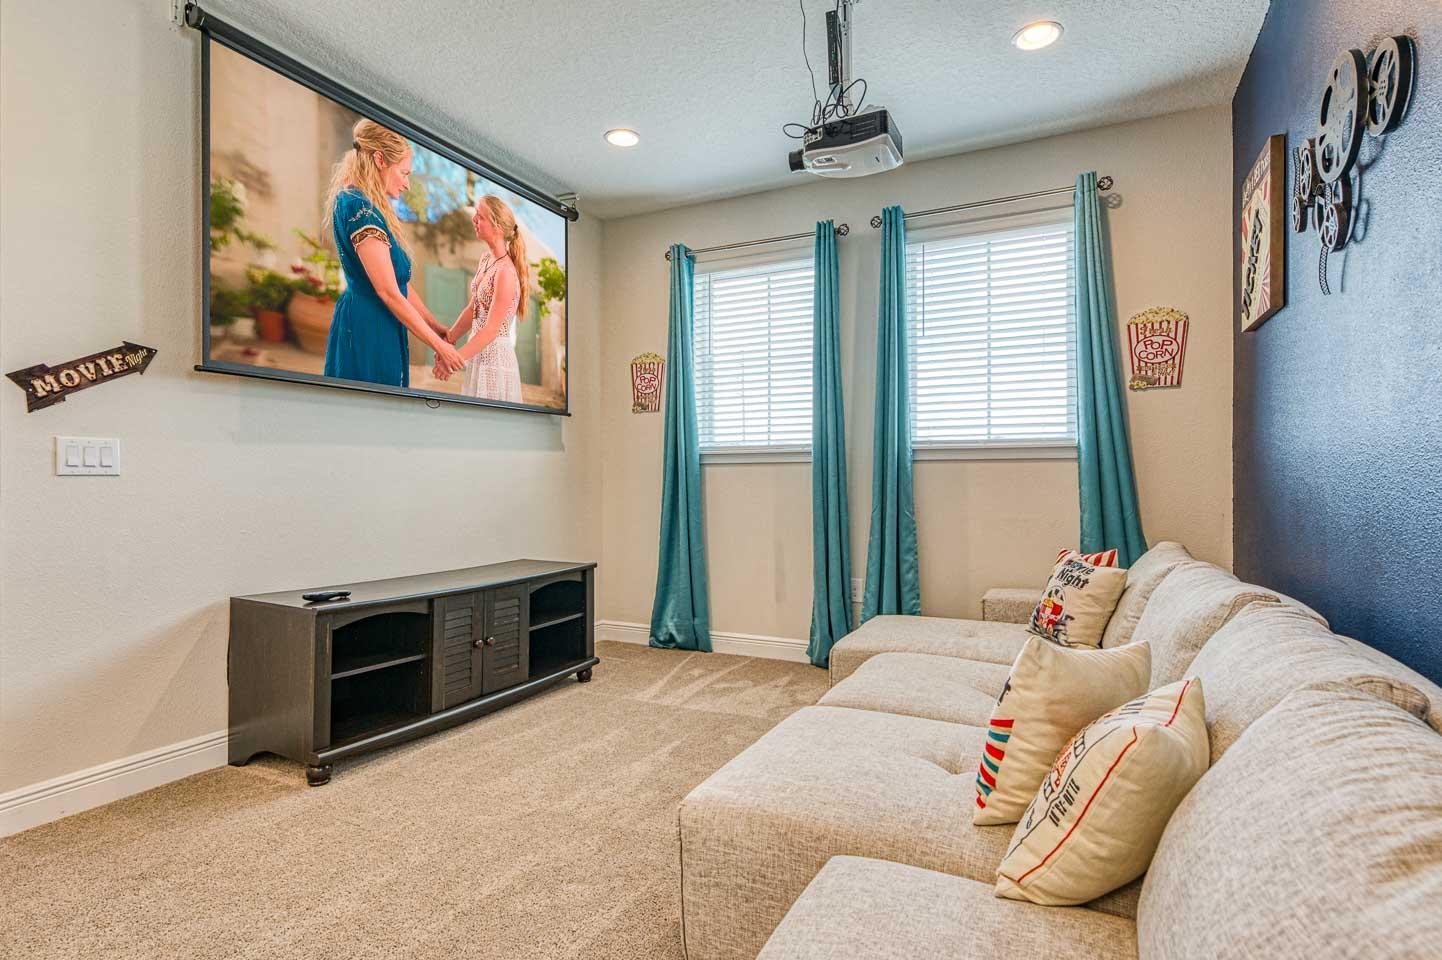 [amenities:projection-loft-area:2] Projection Loft Area